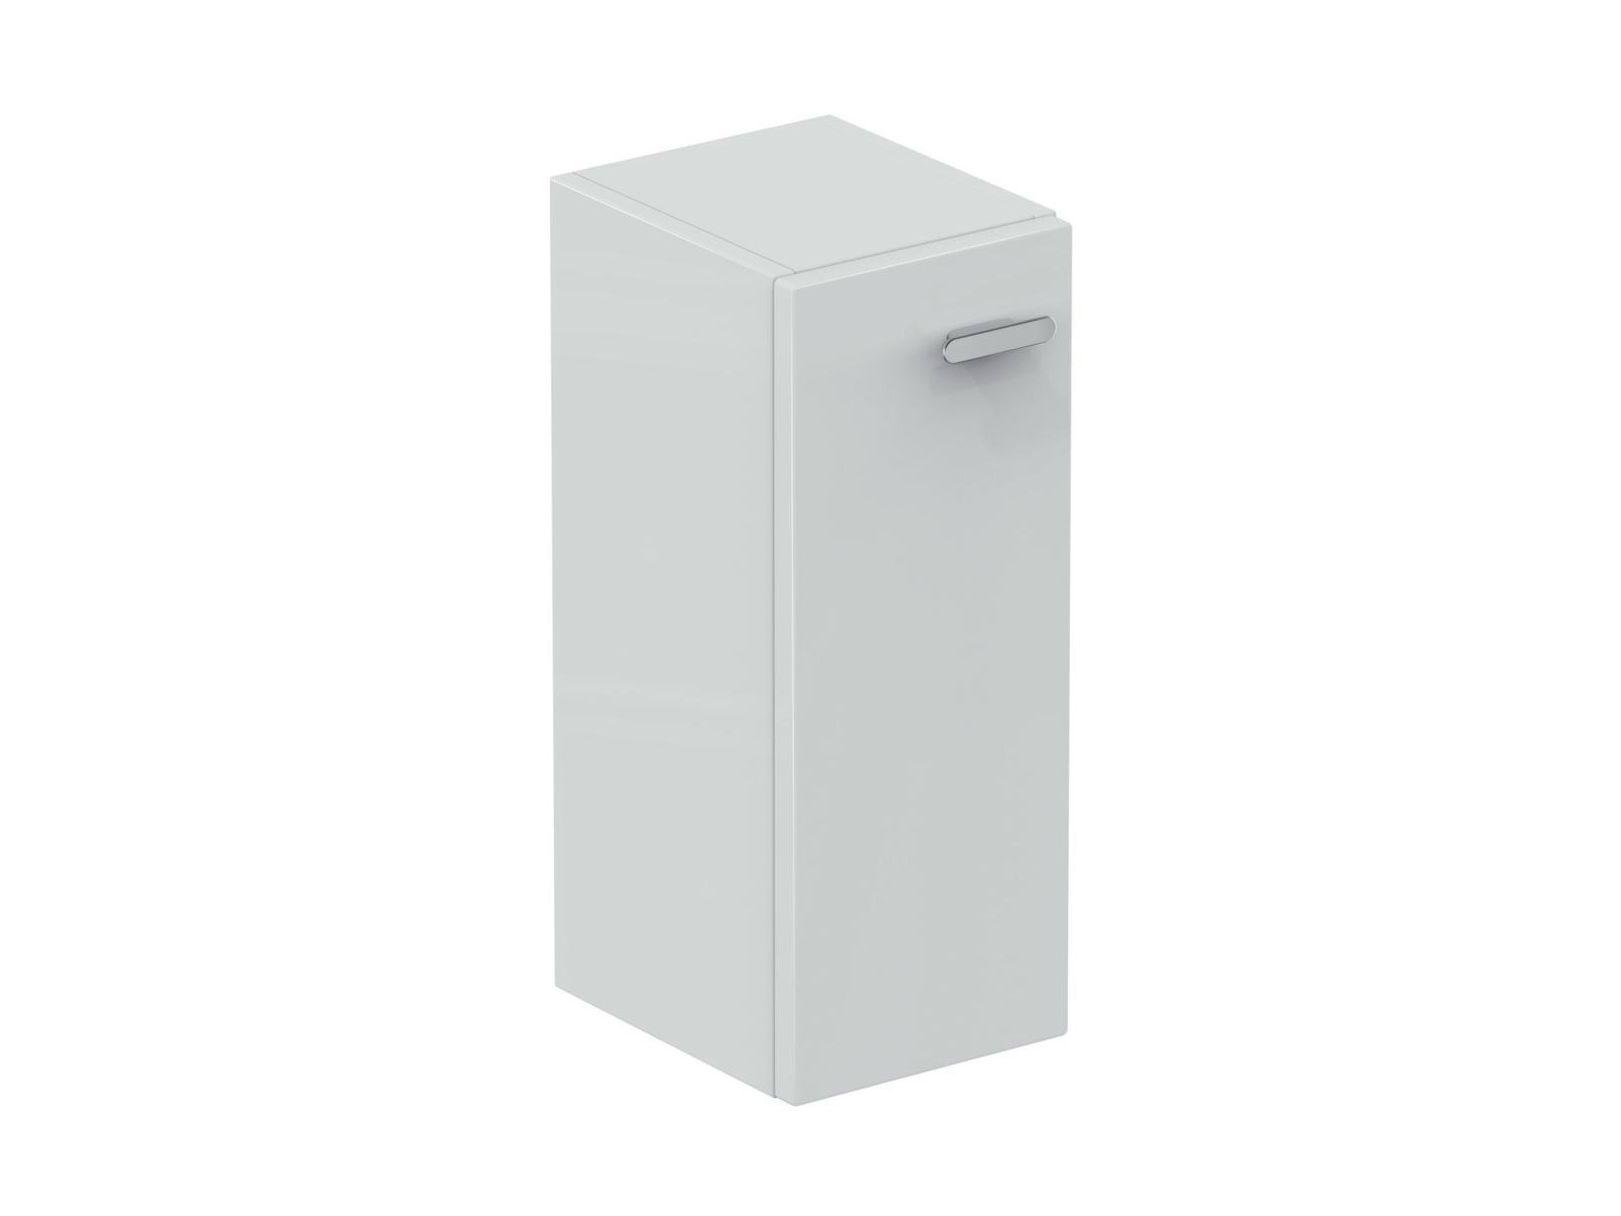 Mobile bagno basso da terra singolo connect space e0372 by ideal standard italia design robin - Mobile basso bagno ...